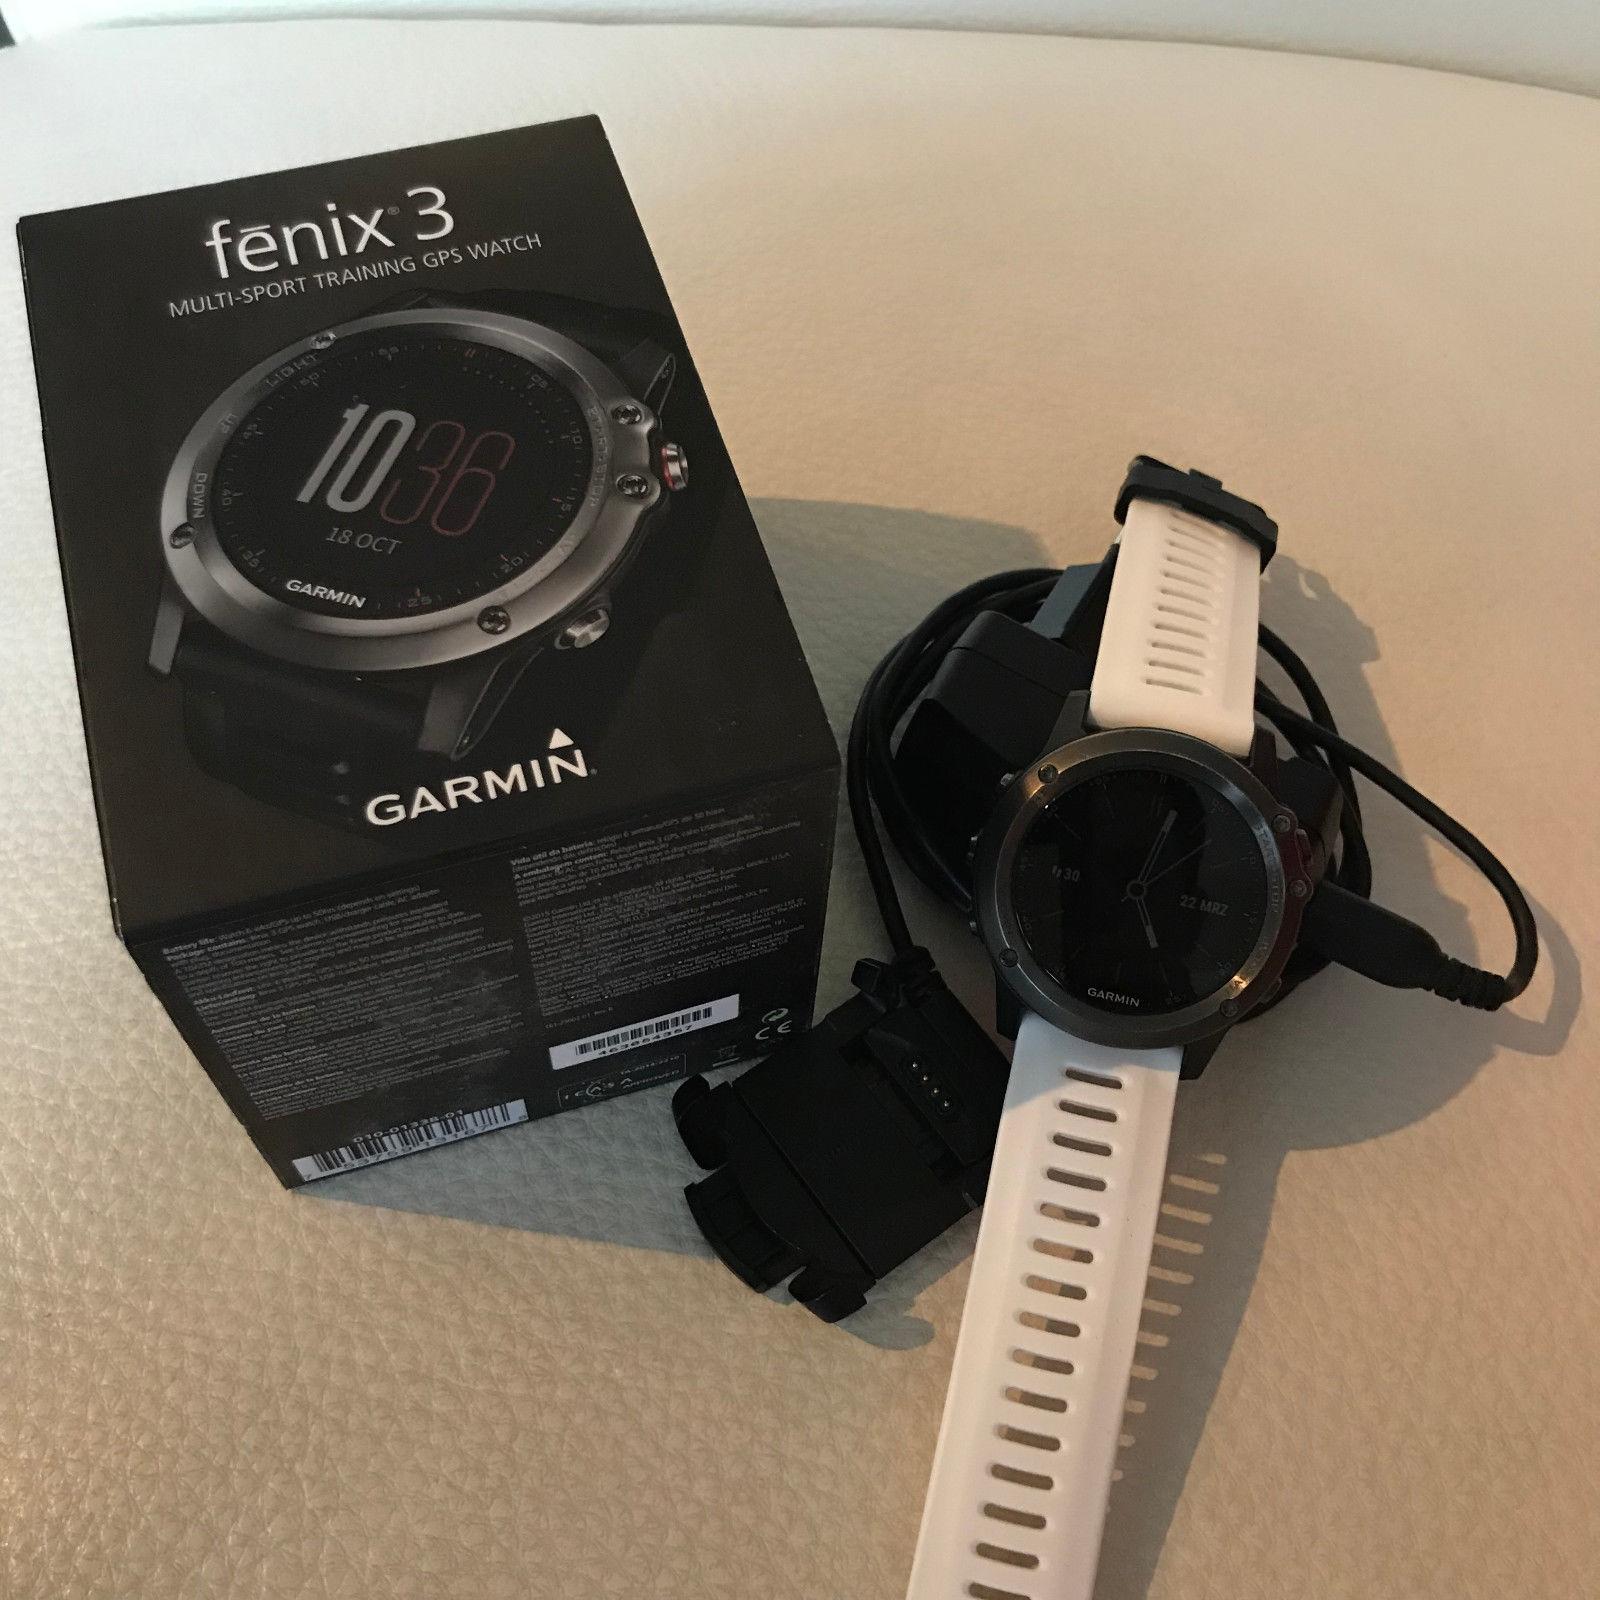 Garmin Fenix 3 OVP - kaum Gebrauchsspuren, Multisportuhr